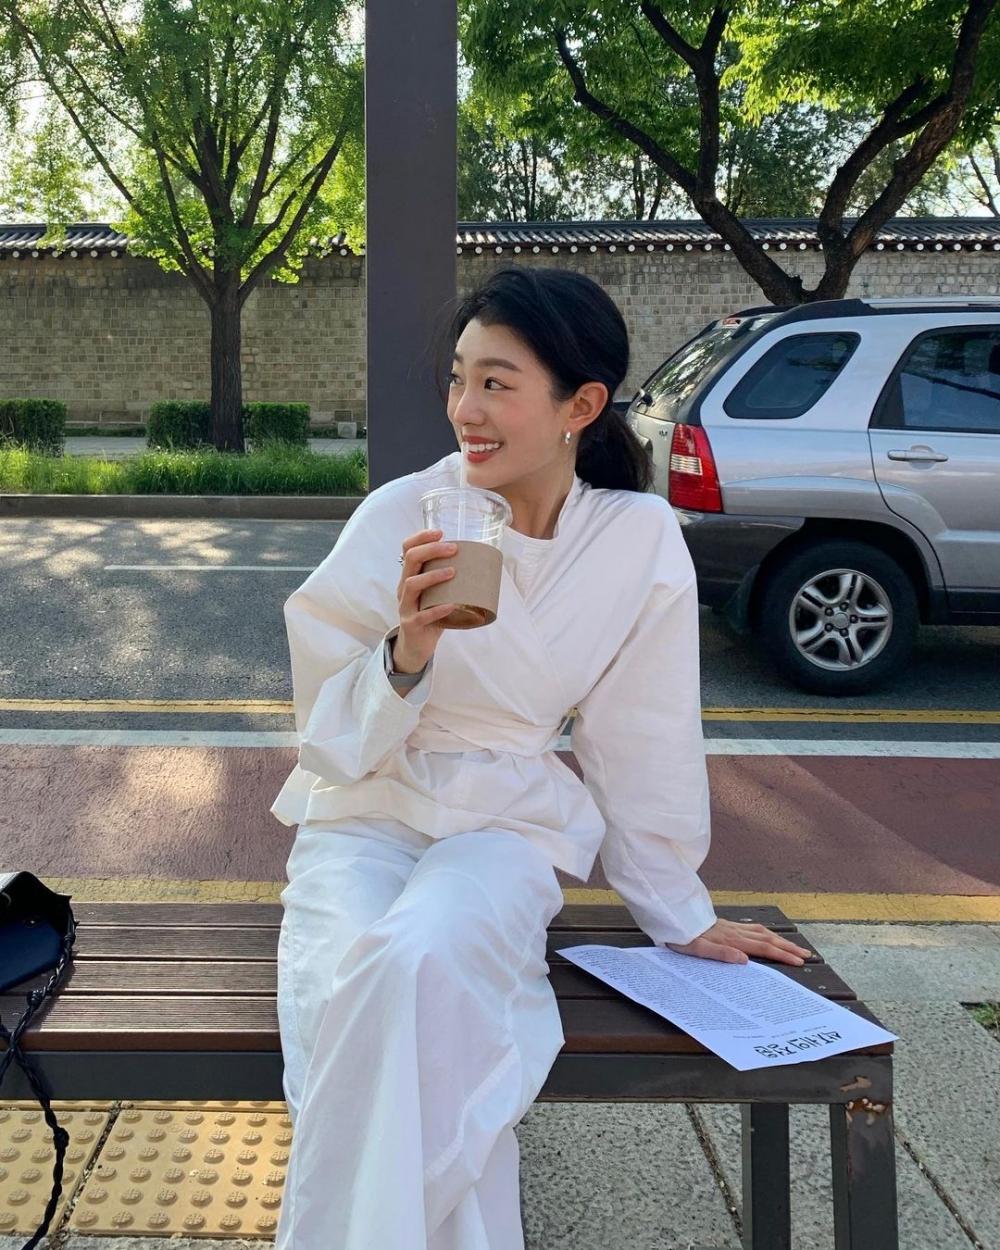 IG@seoziyeon